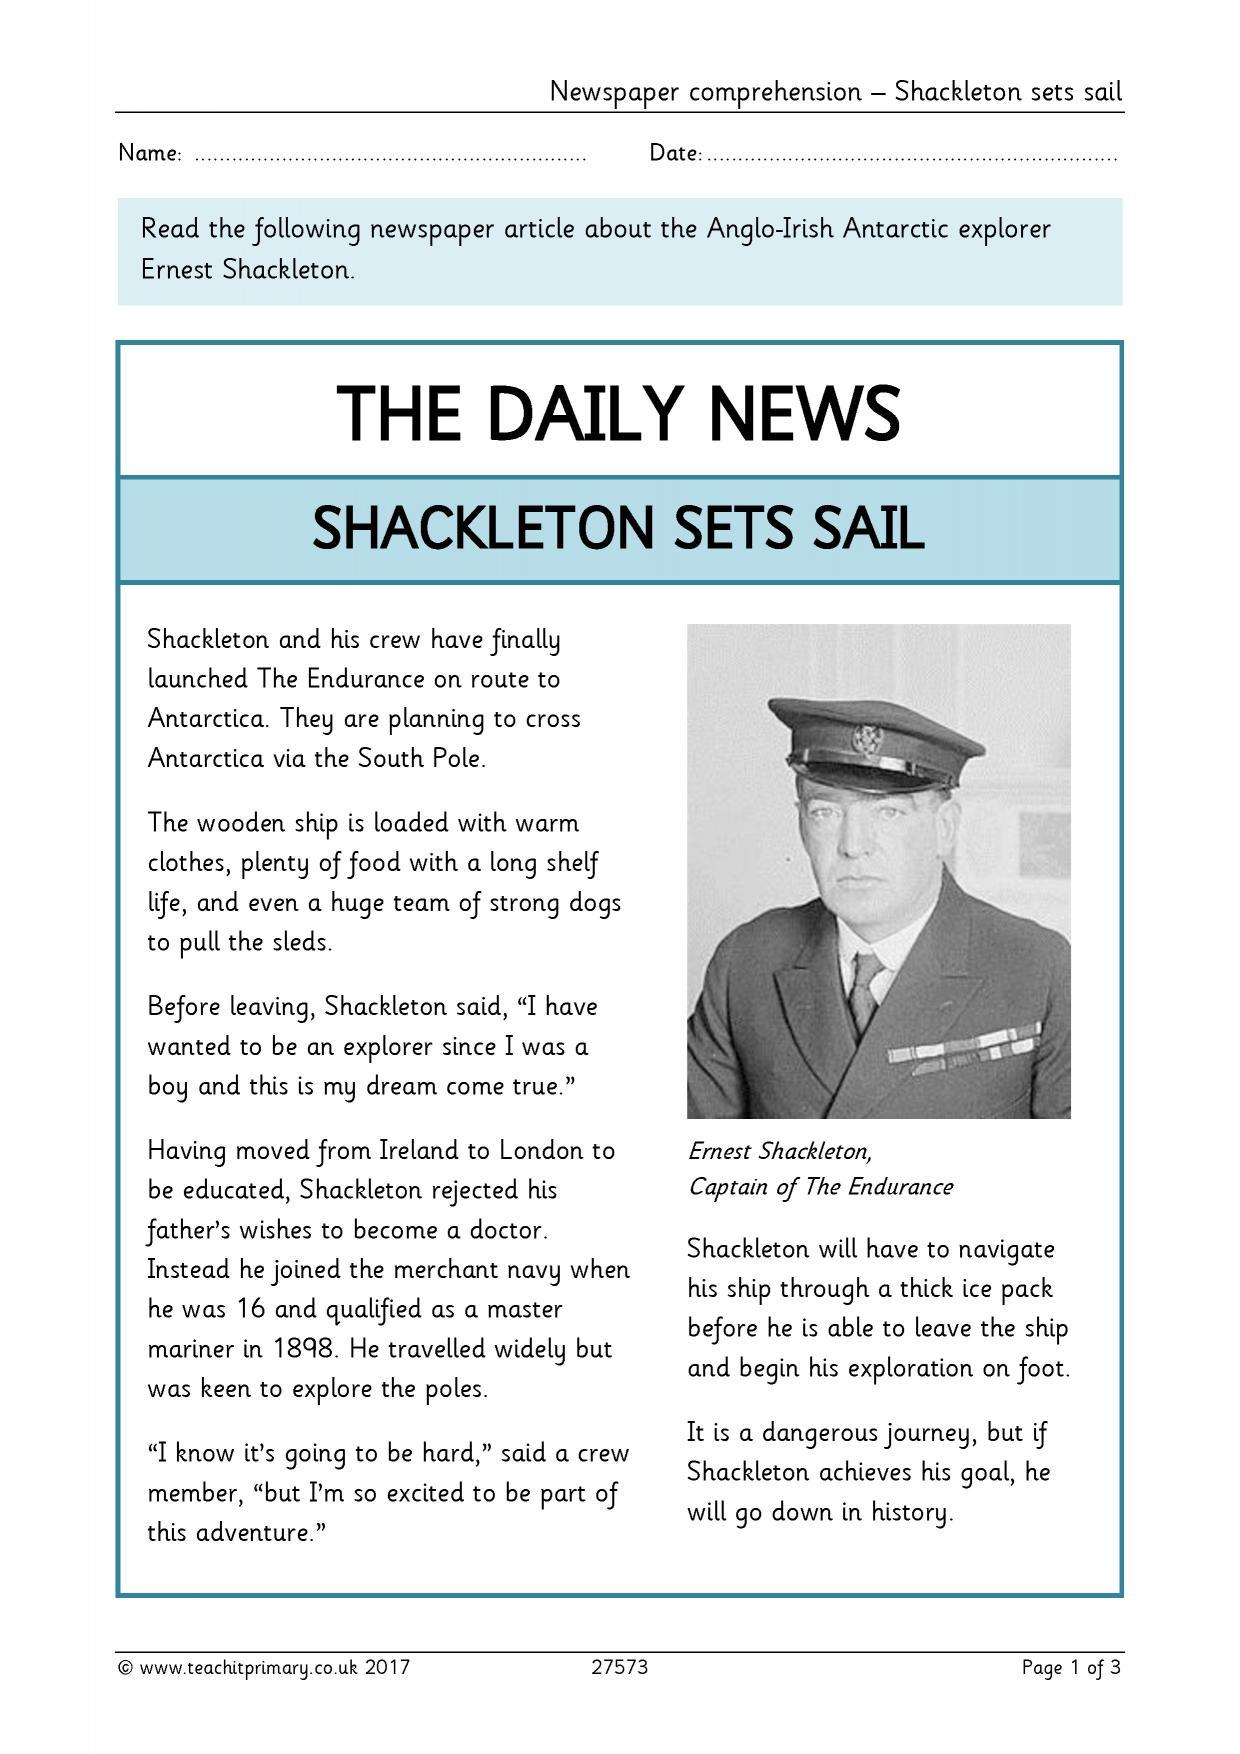 Newspaper Comprehension Shackleton Sets Sail